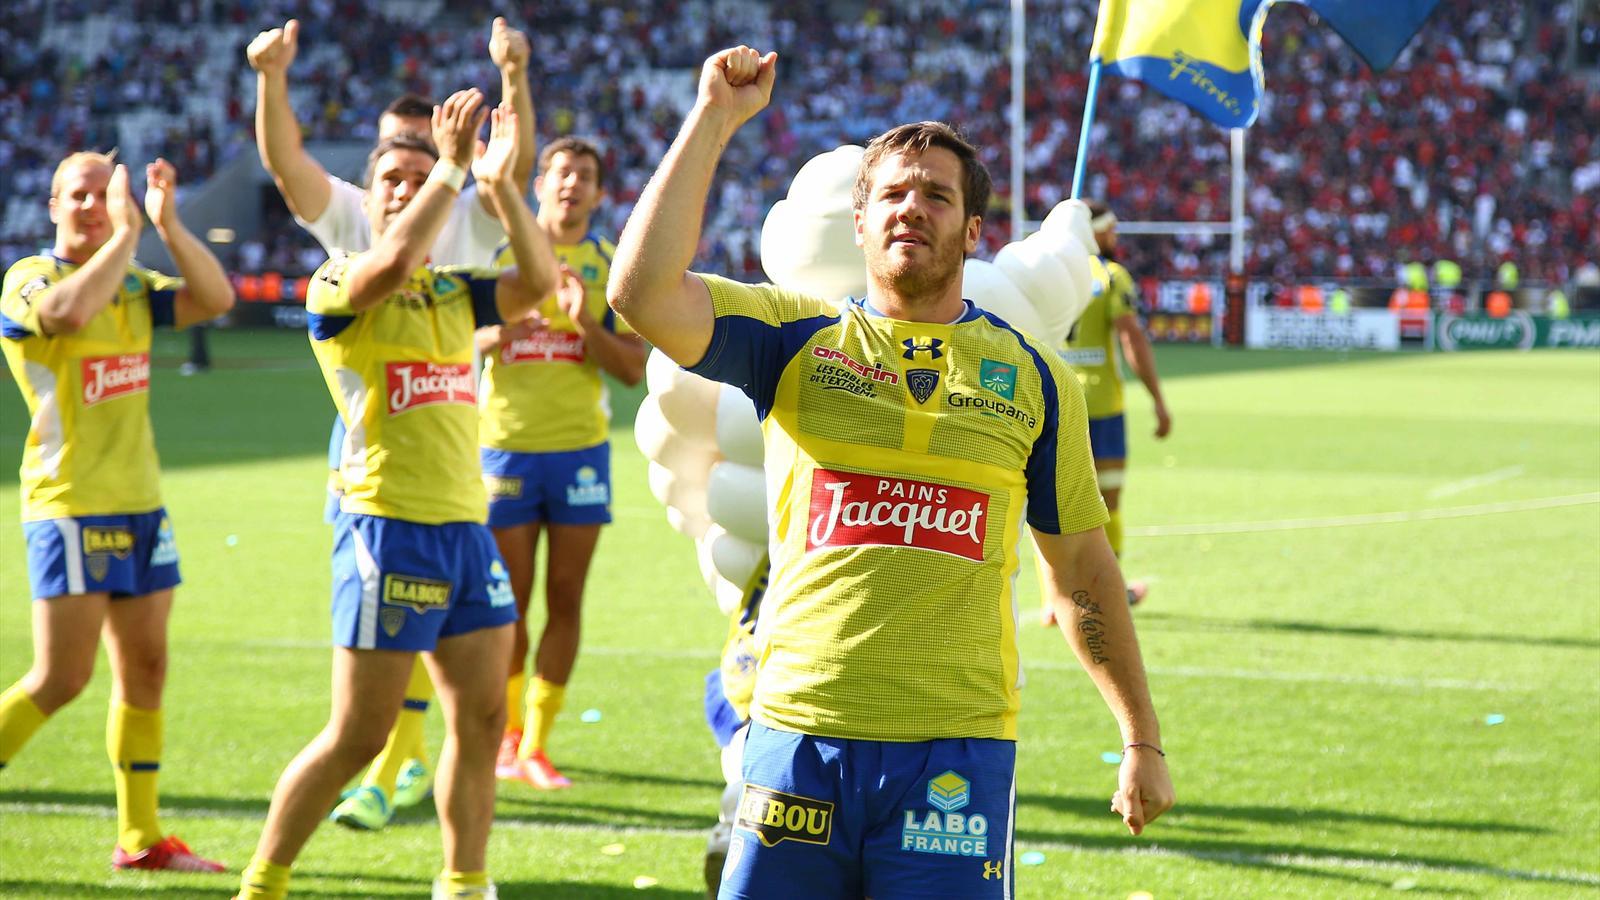 La joie de Camille Lopez et des Clermontois après la victoire sur Toulouse en demi-finale